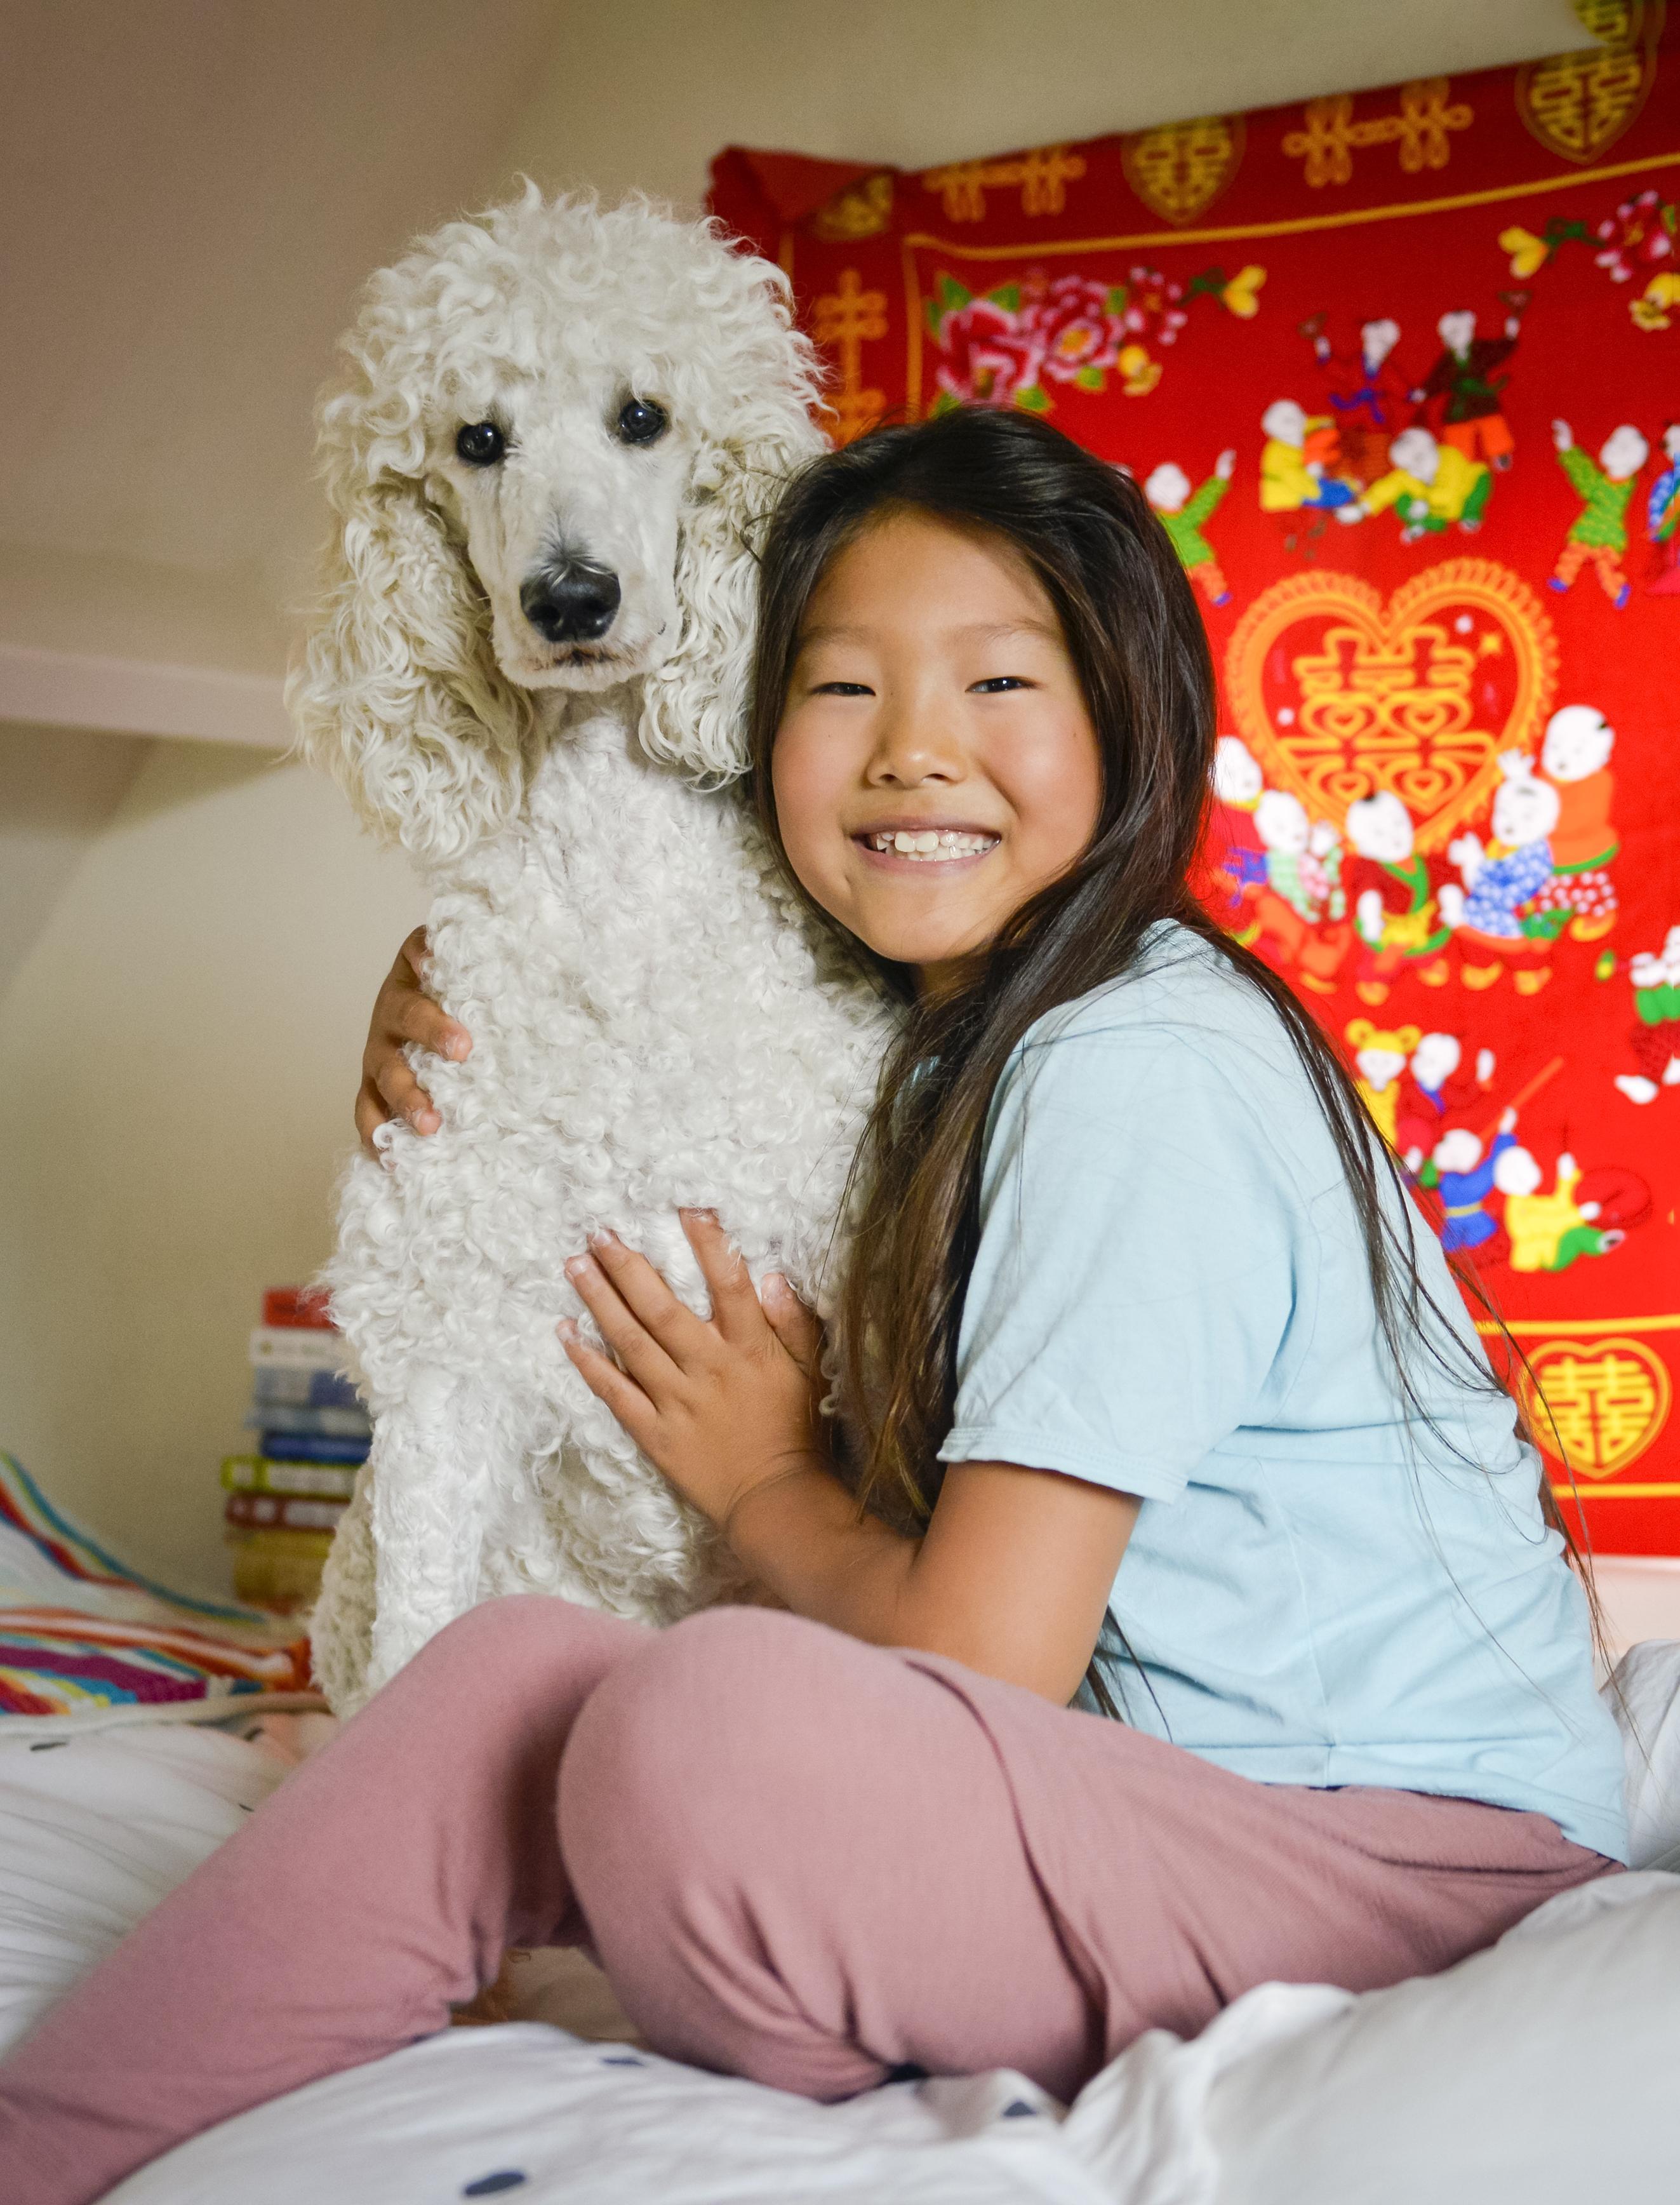 Wen Long (9) ziet eruit als een meisje, maar zo simpel is het niet. 'Ik ben geboren als intersekse. Dat is dat je jongen én meisje bent'